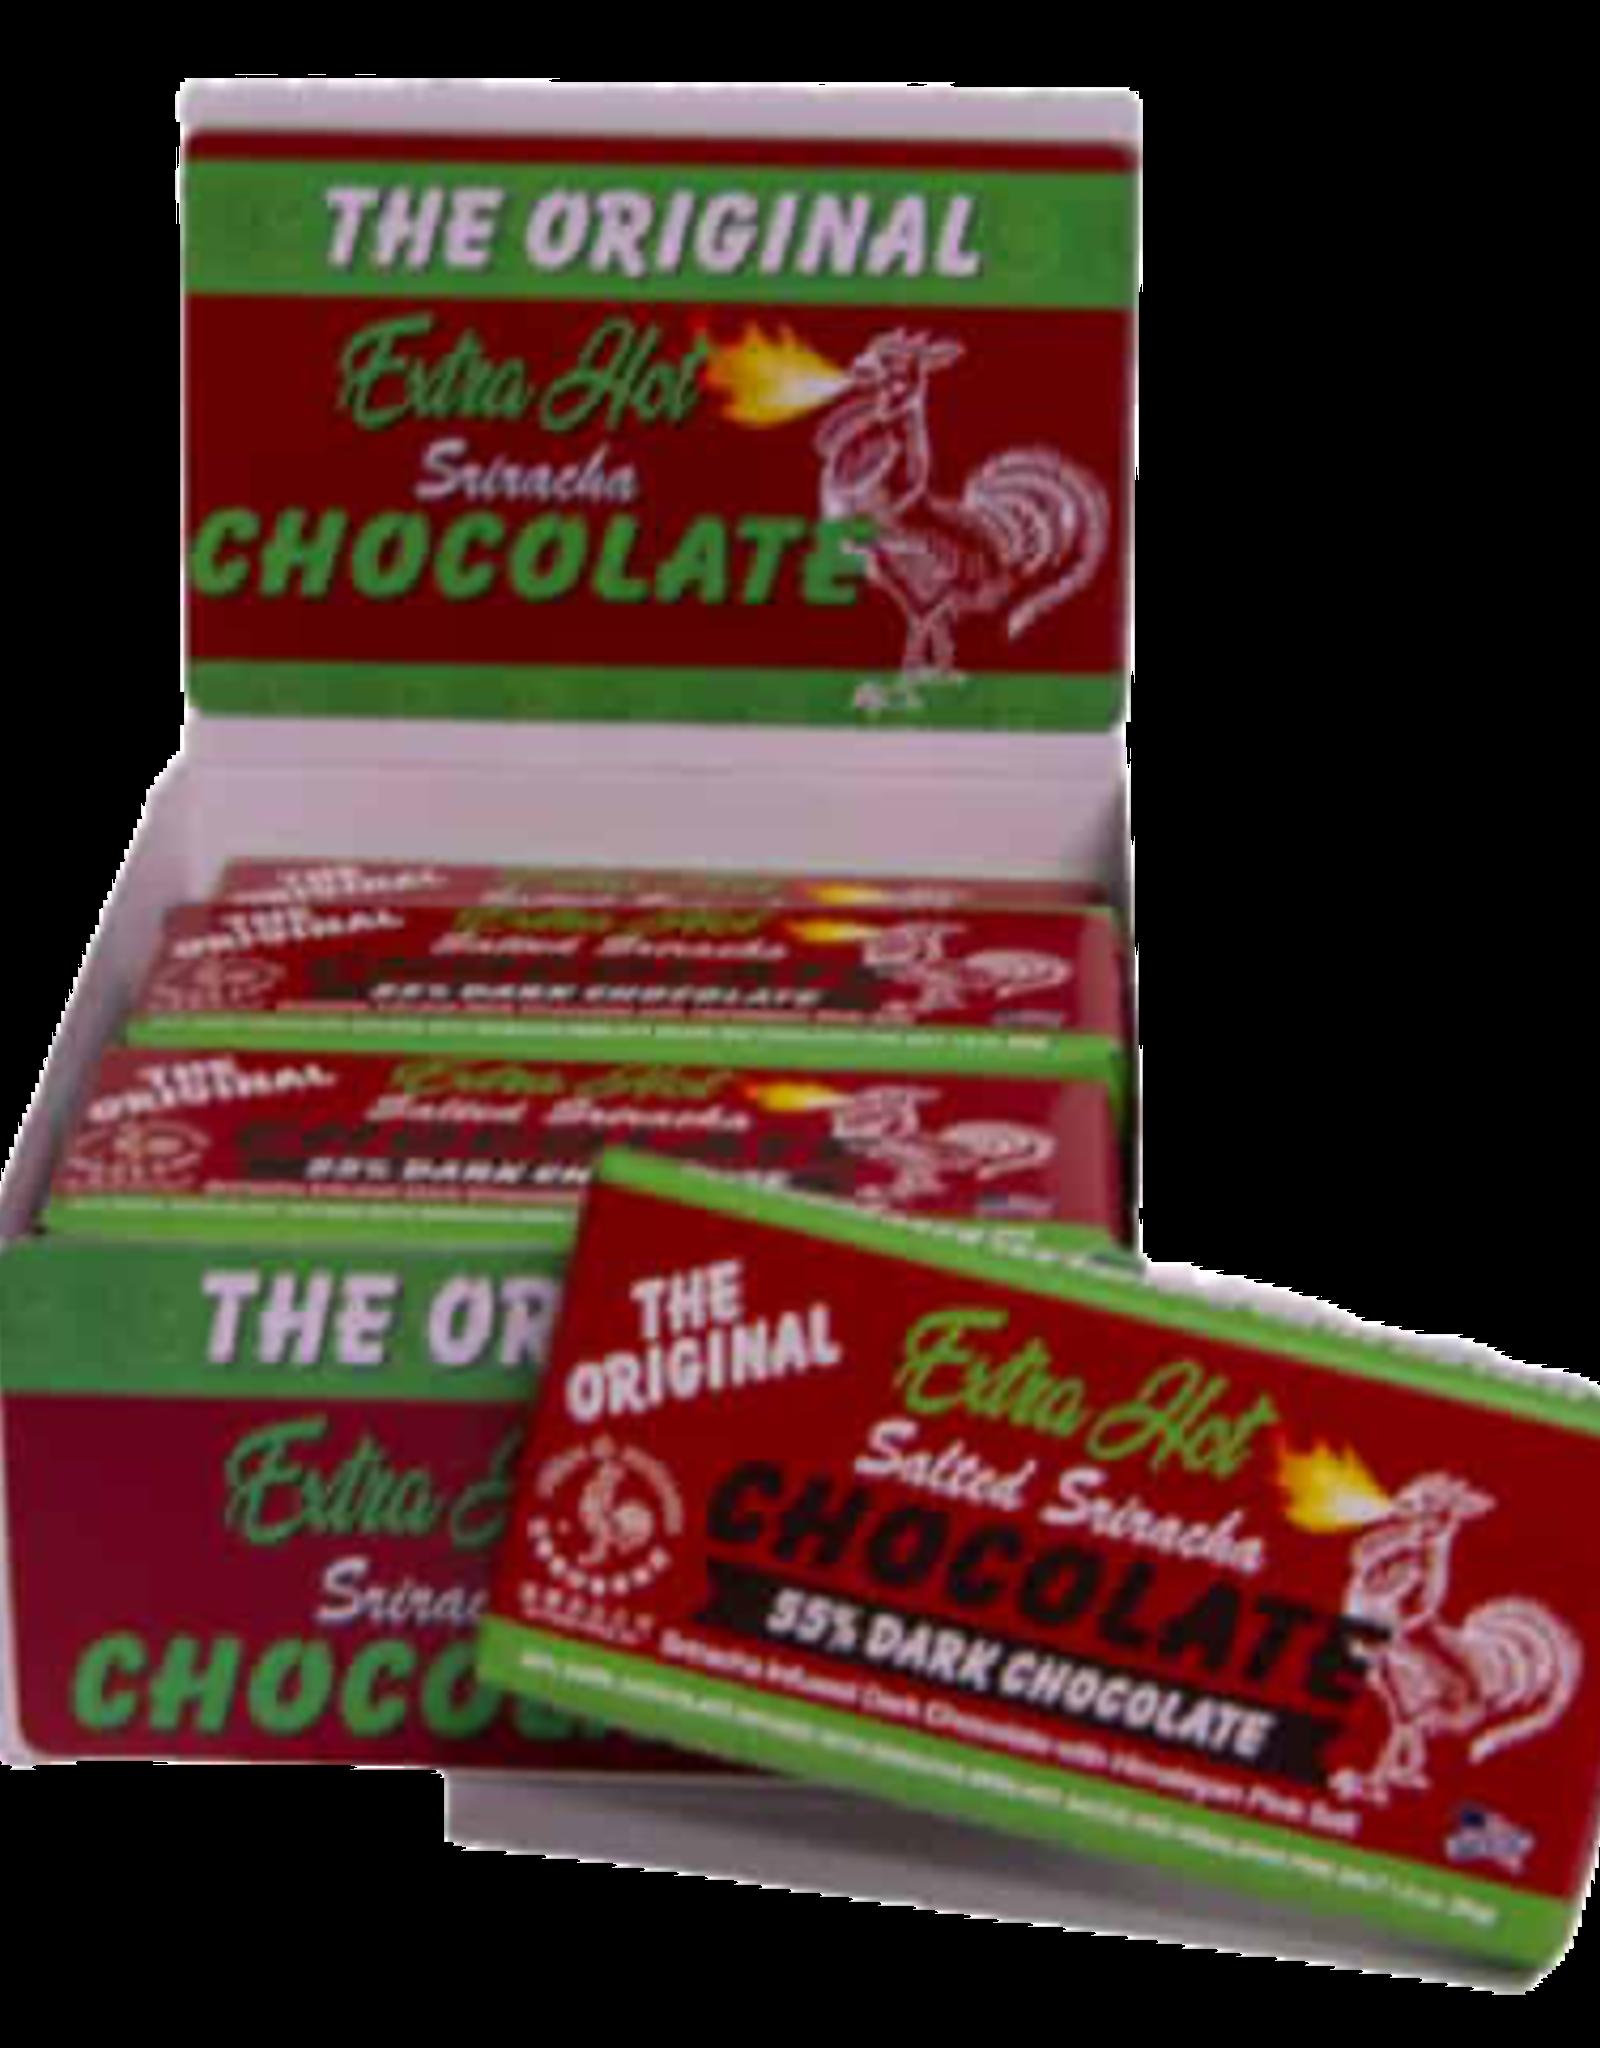 Extra Hot Salted Sriracha 55% Dark Chocolate